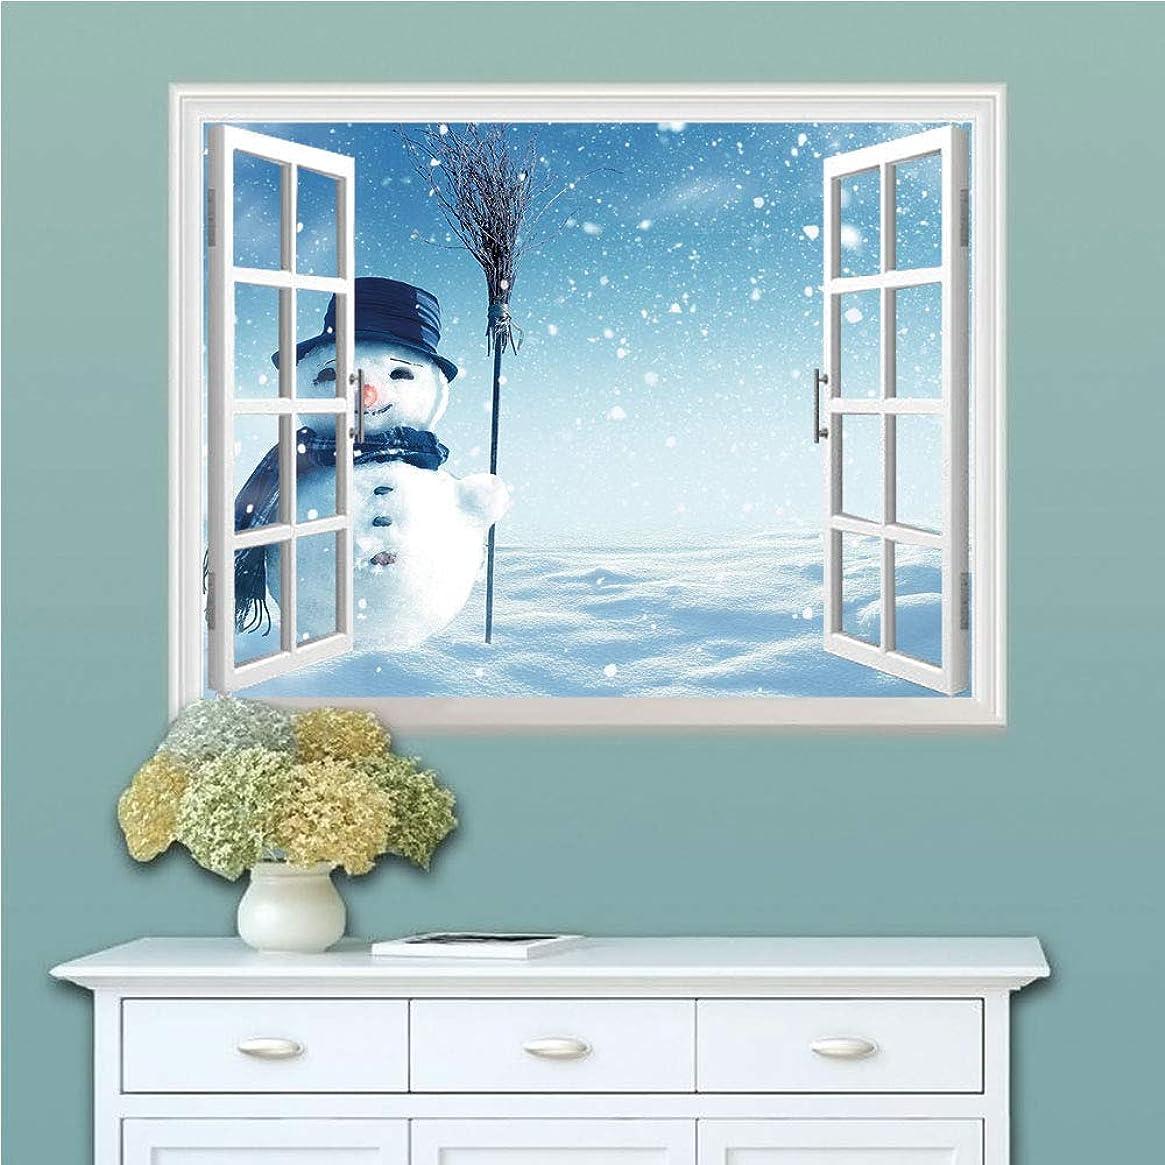 シーン消費者議題偽窓ステッカウォールステッカー サンタクロース クリスマス クリスマスツリー トナカイ シール サンタ 飾り ステッカー 壁シール 星 雪 窓 壁紙 雪だるま 雪に覆われた冬の風景 かわいい幸せな雪だるまの冷たい屋外装飾 雪だるま